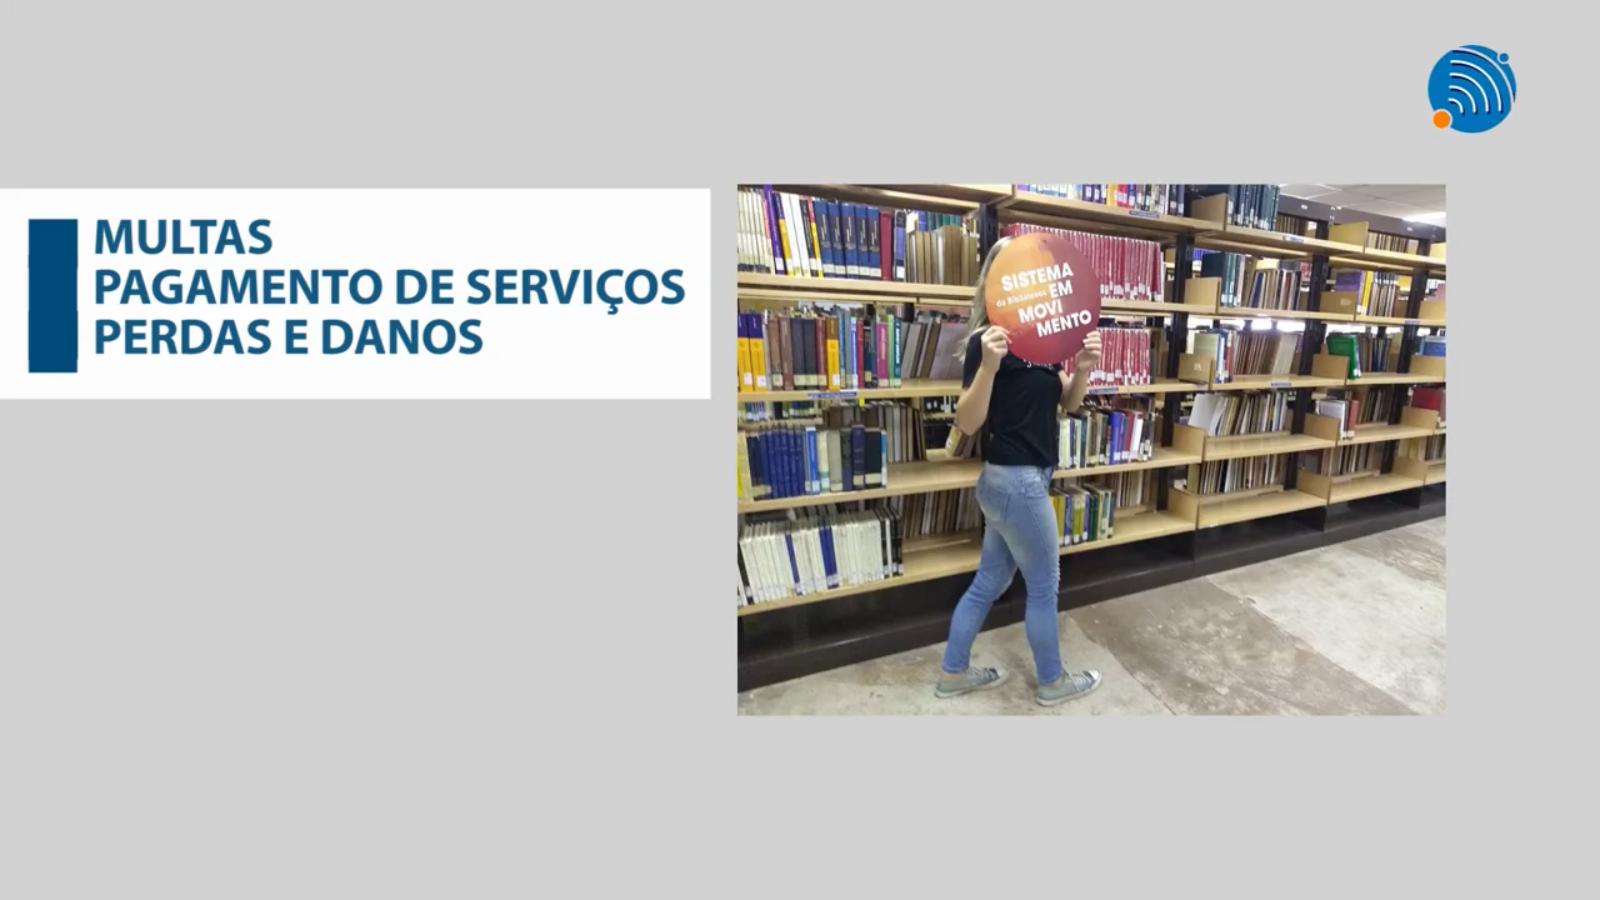 Tela do vídeo de apresentação: multas e pagamentos de serviços estão entre os tópicos do treinamento